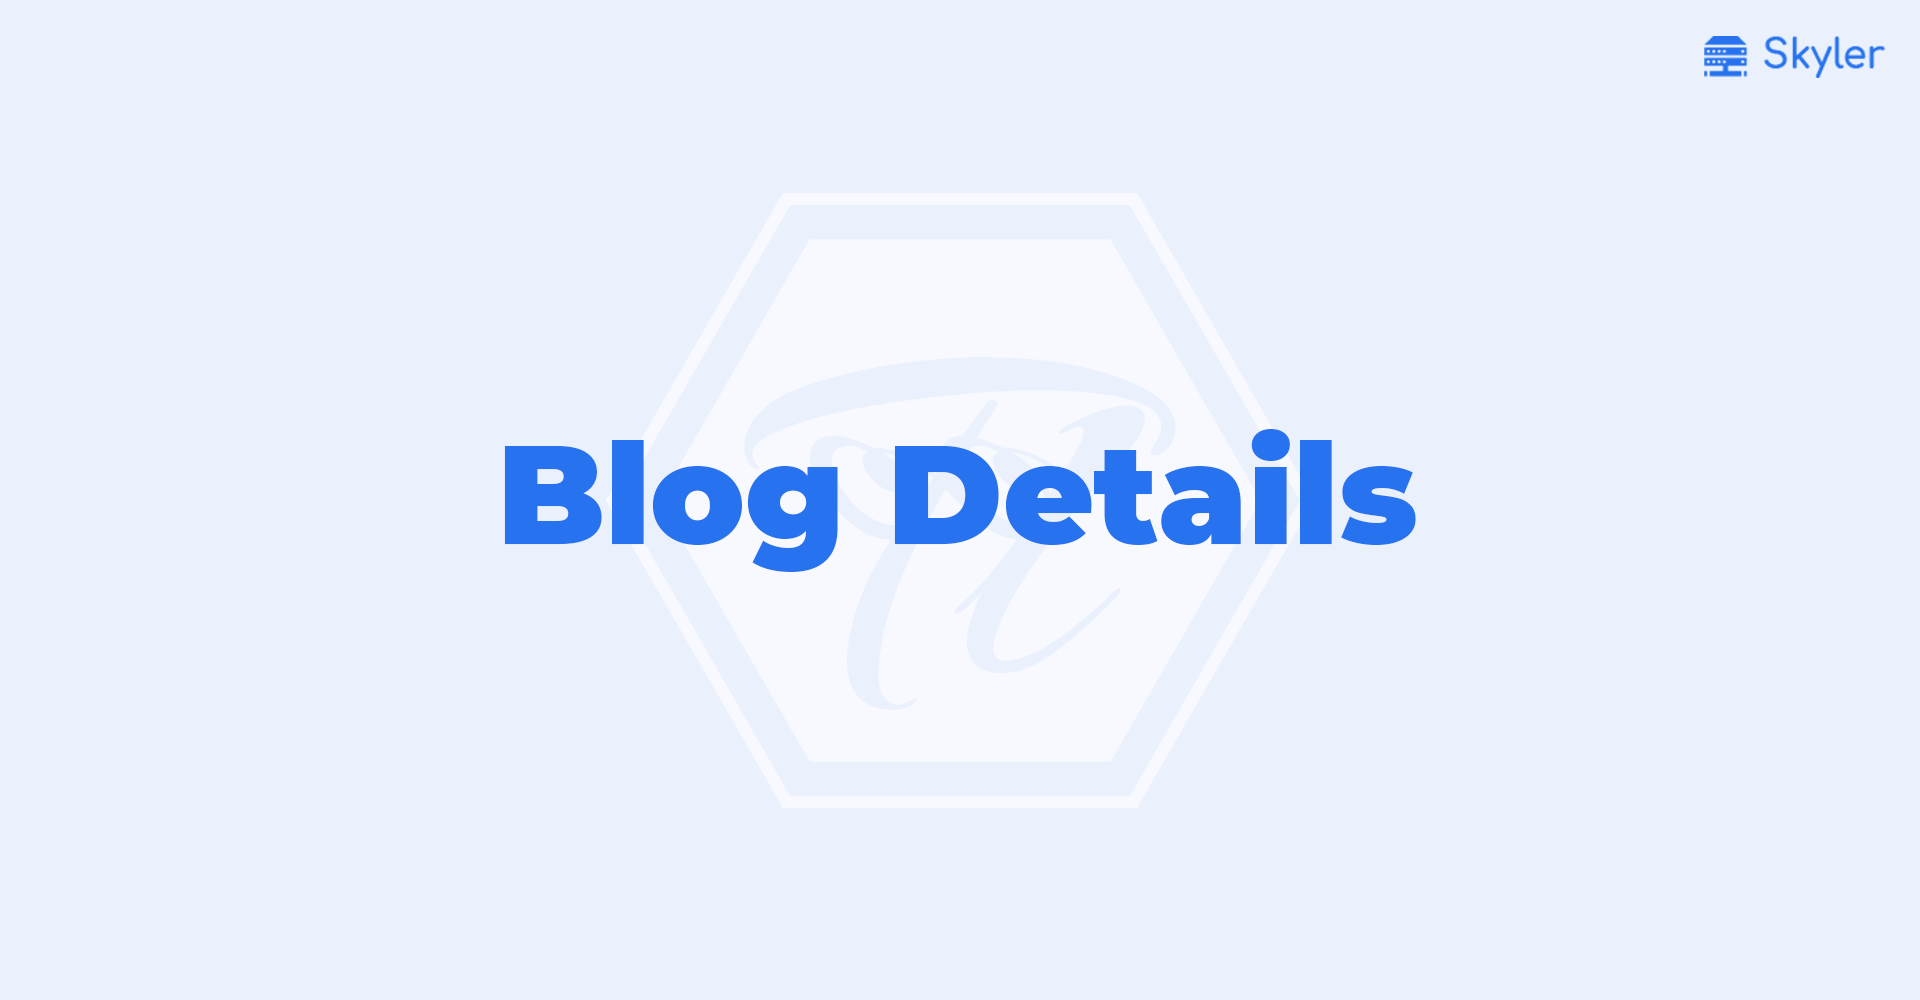 Blog_Details